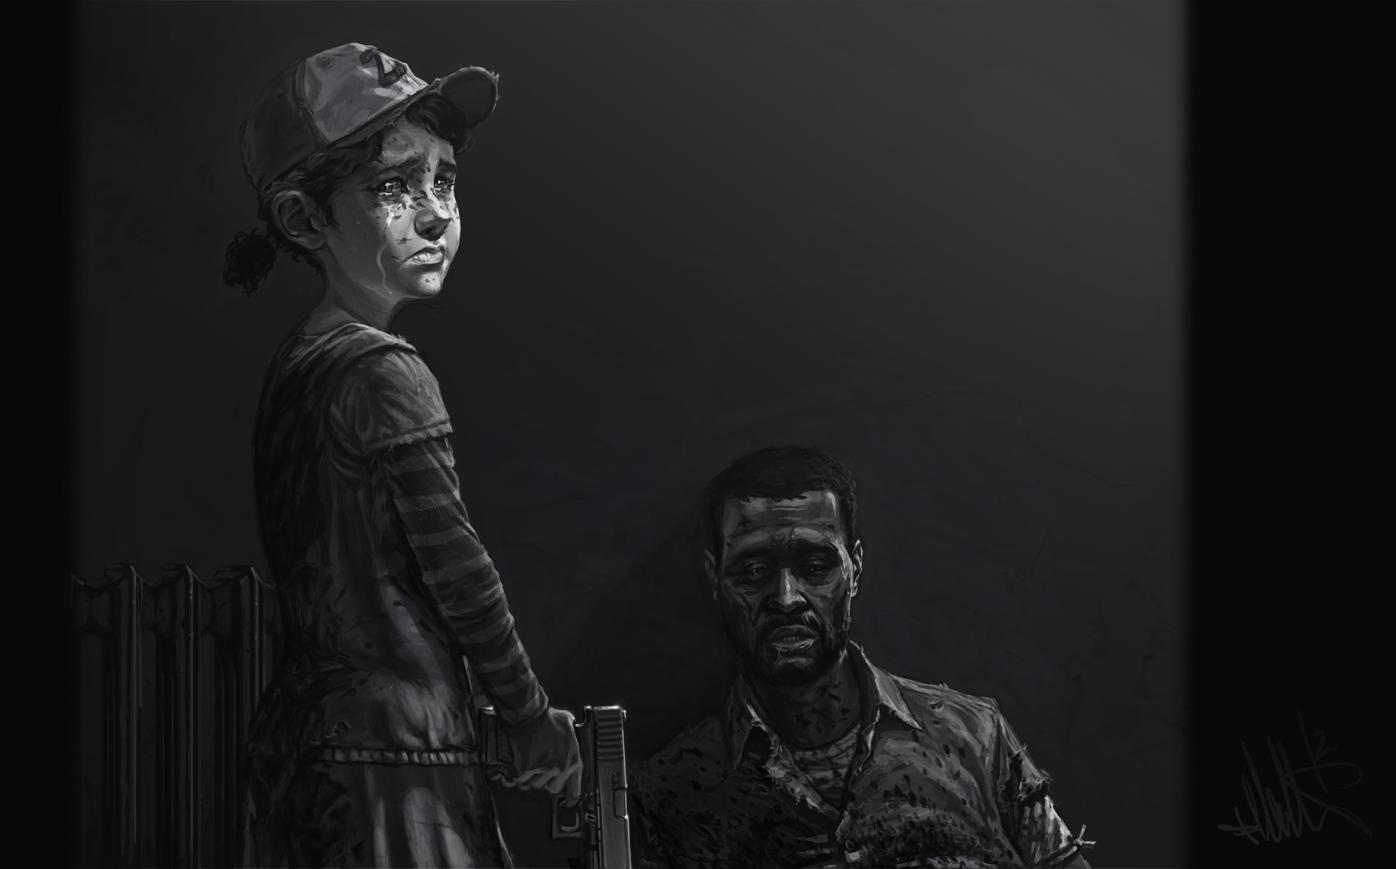 The Walking Dead Computer Wallpapers Desktop Backgrounds 1396x869 1396x869